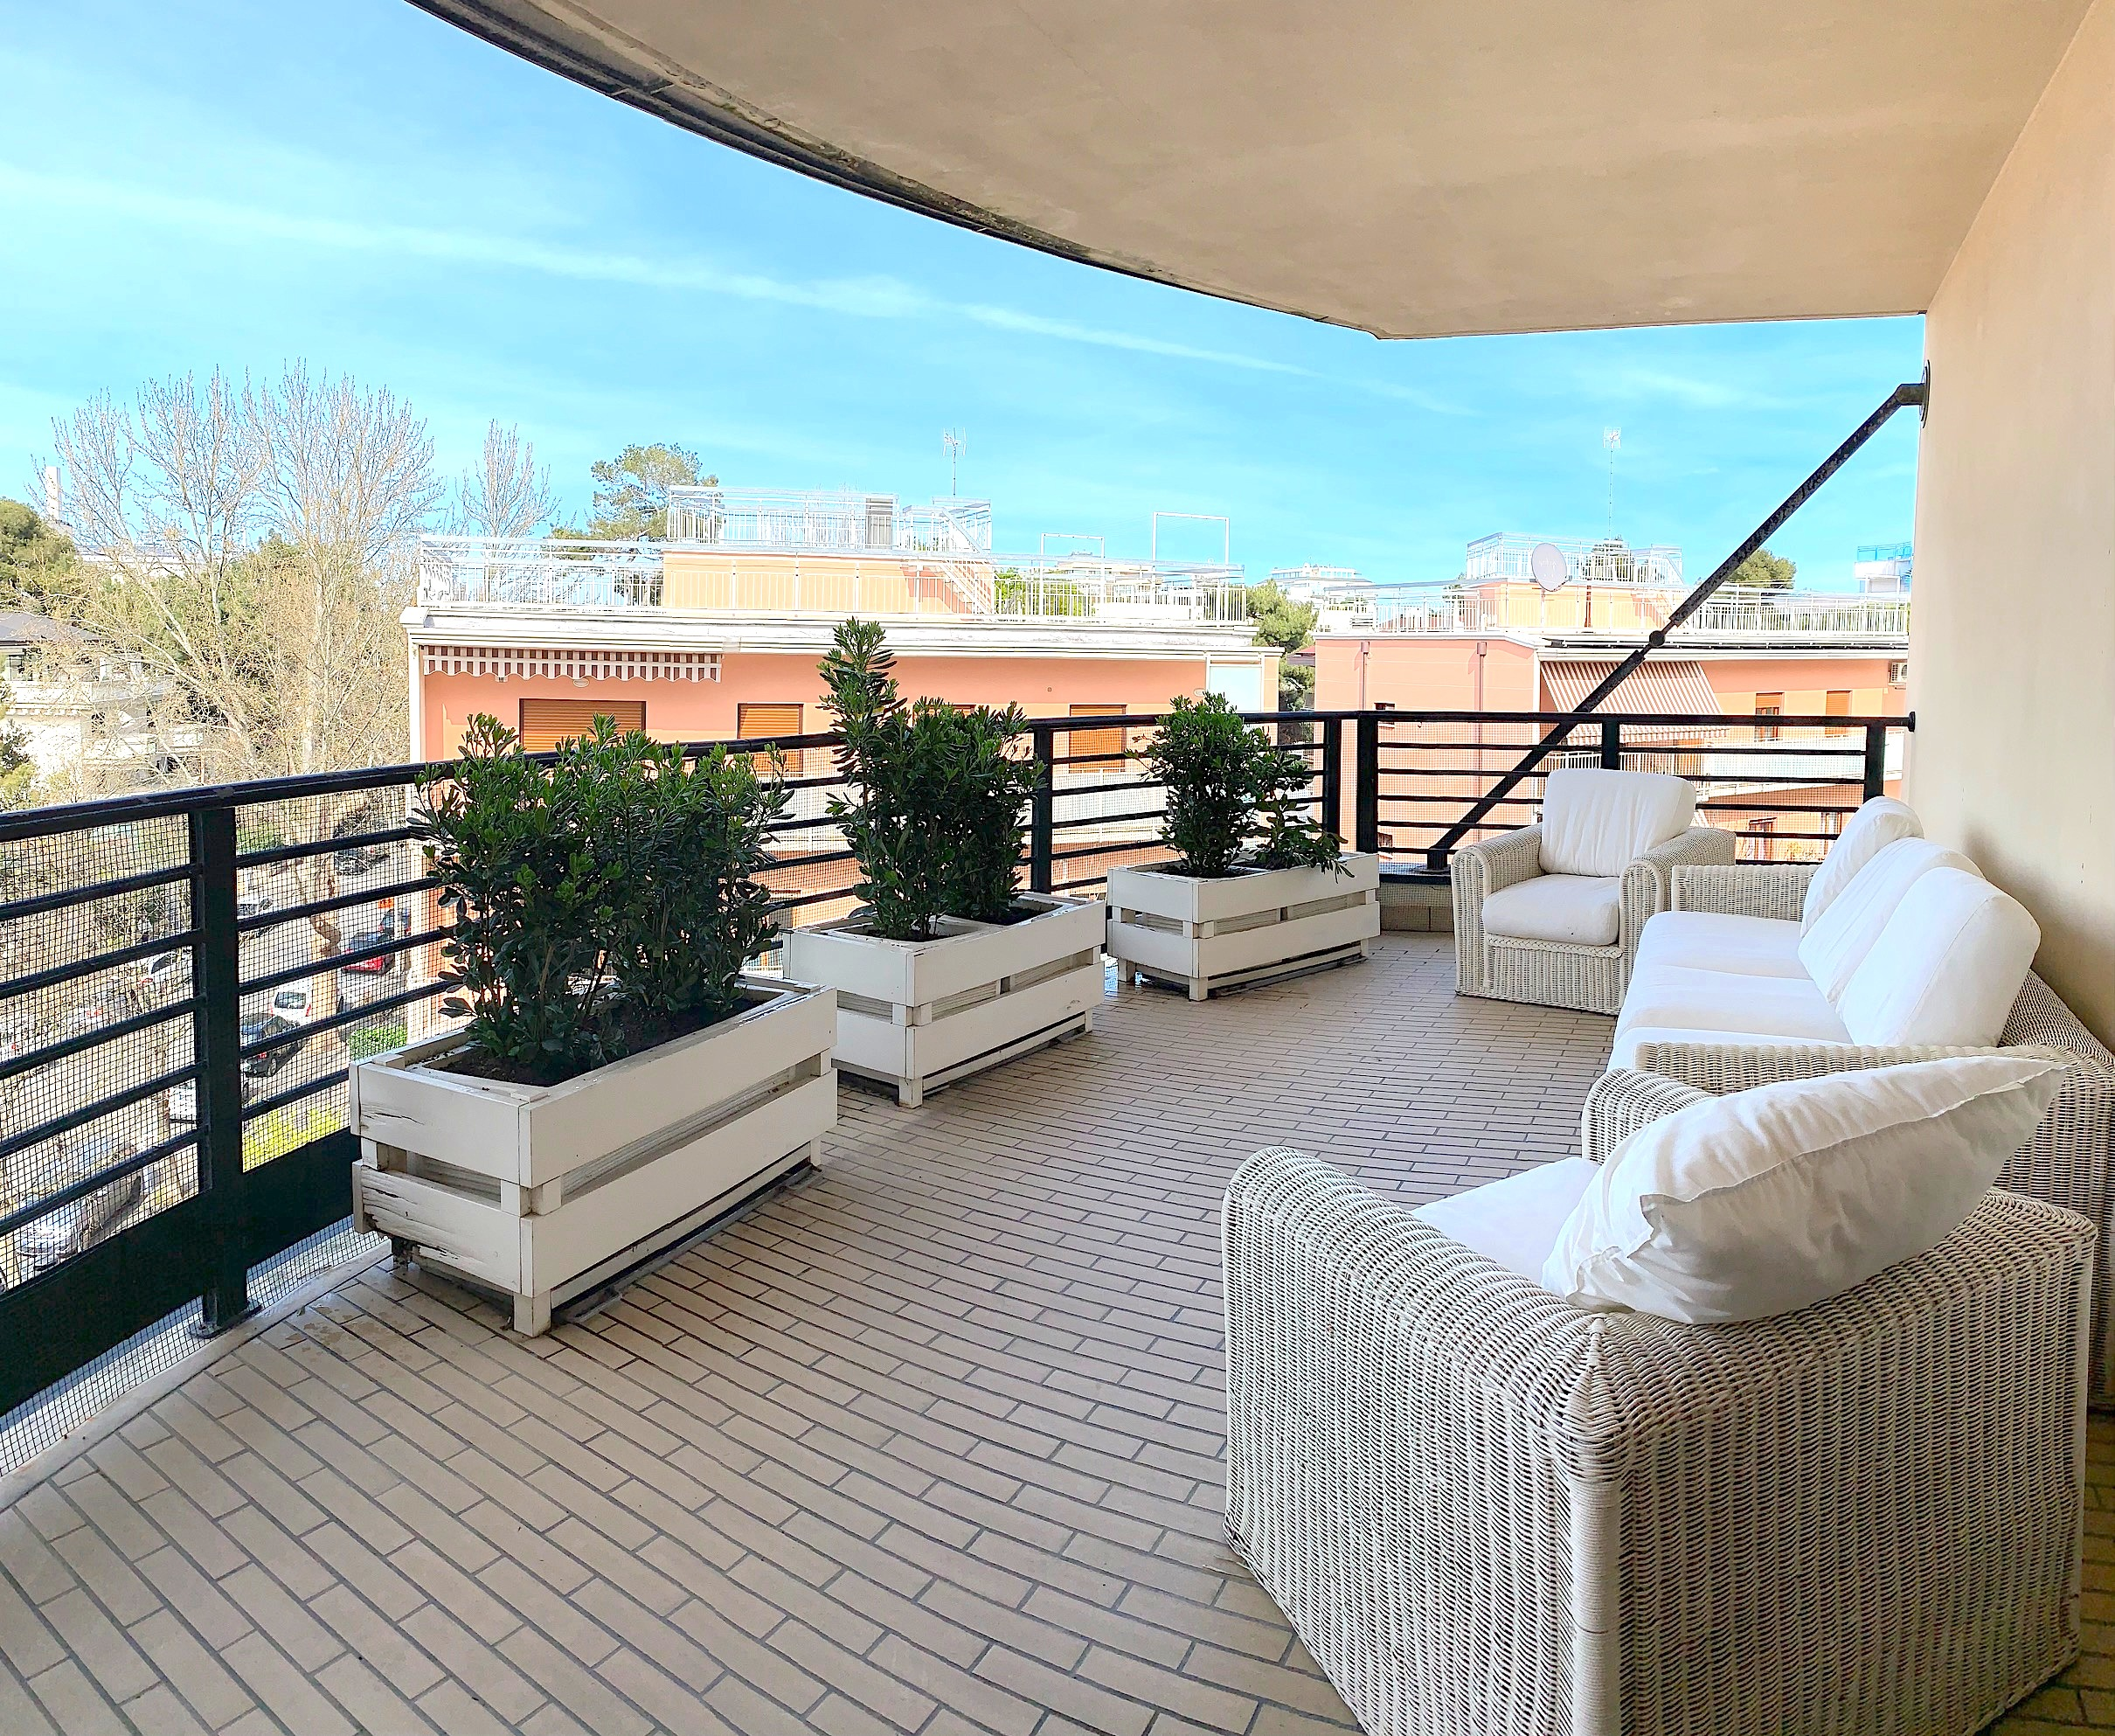 RICCIONE CENTRO,  Appartamento con favoloso terrazzo abitabile in affitto LUGLIO